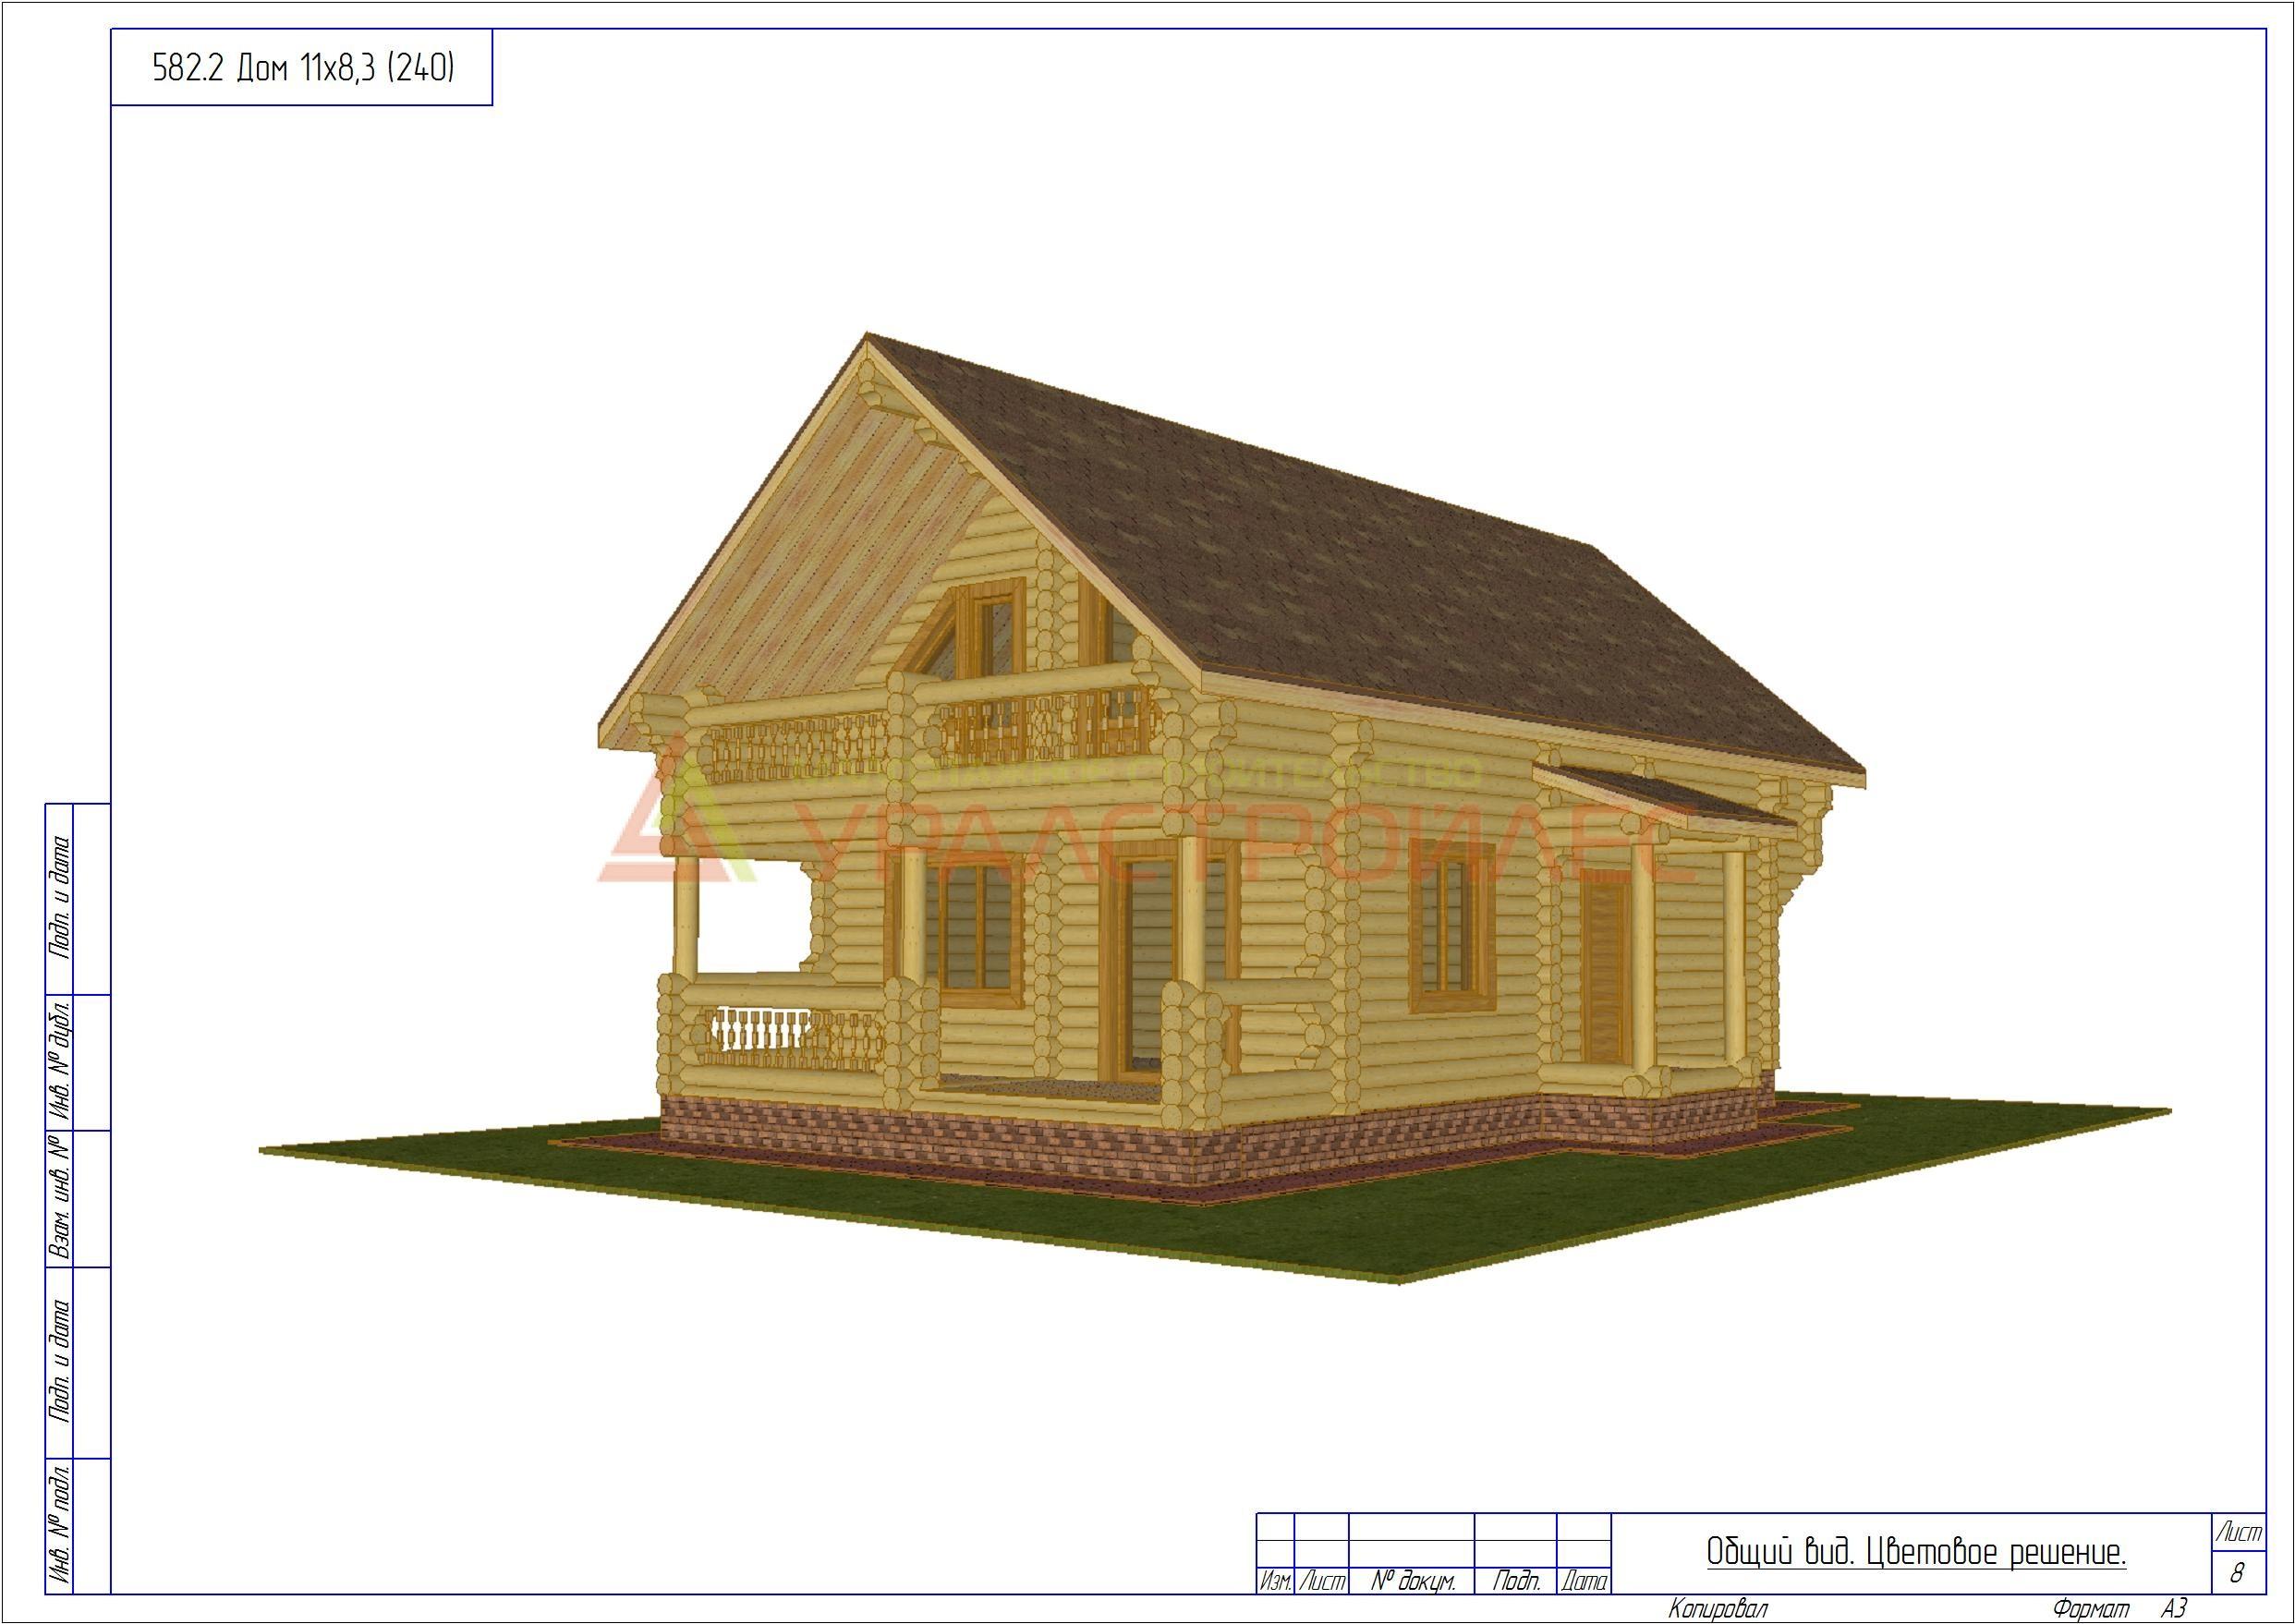 Проект № 582.2 Двухэтажный дом 12х13.7(диаметр бревна 260) 160 м.кв.